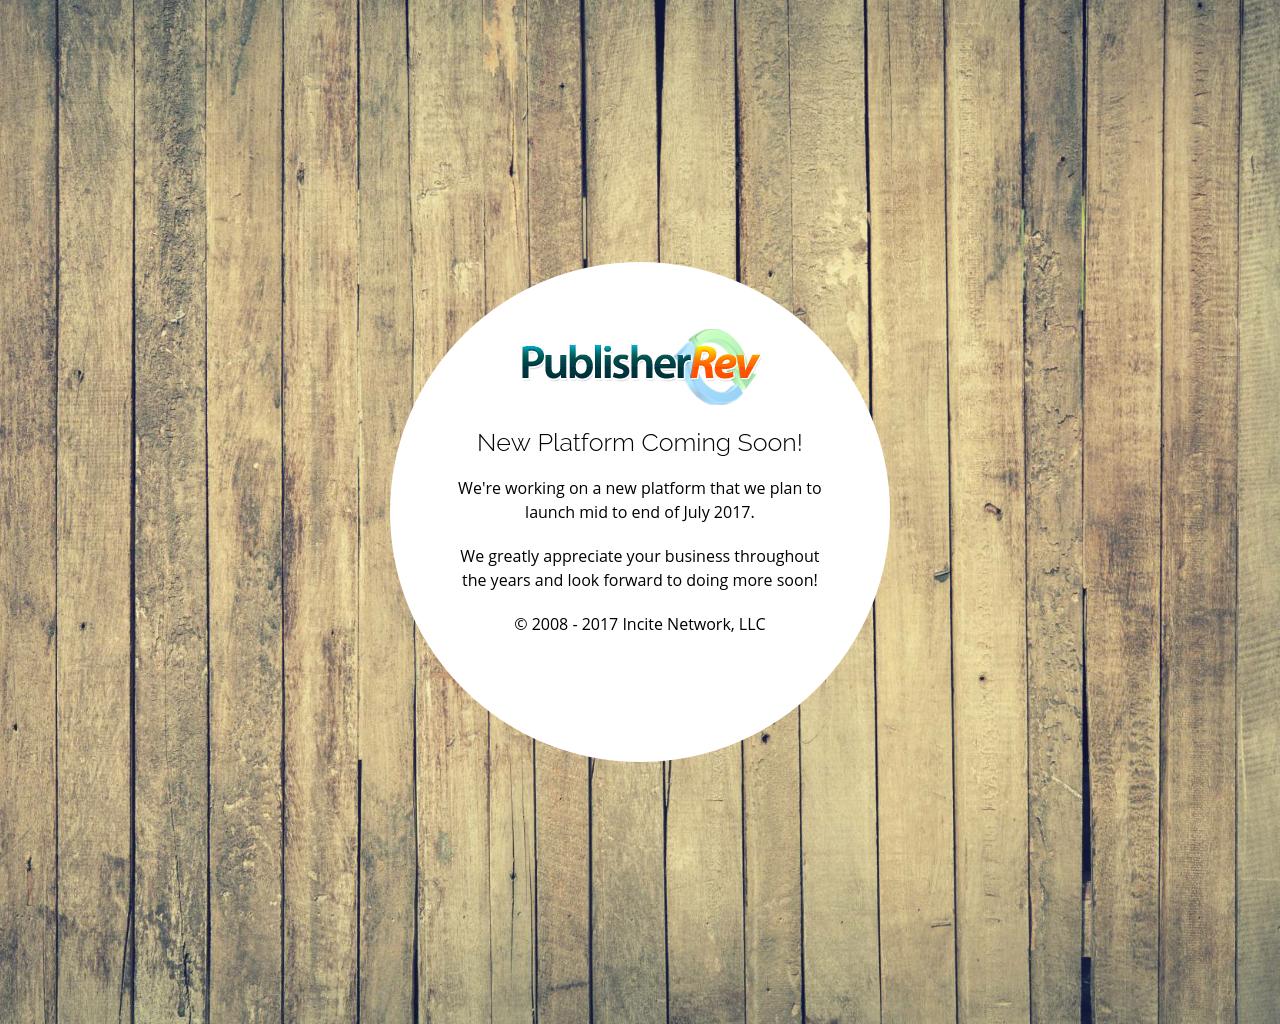 PublisherRev-Advertising-Reviews-Pricing